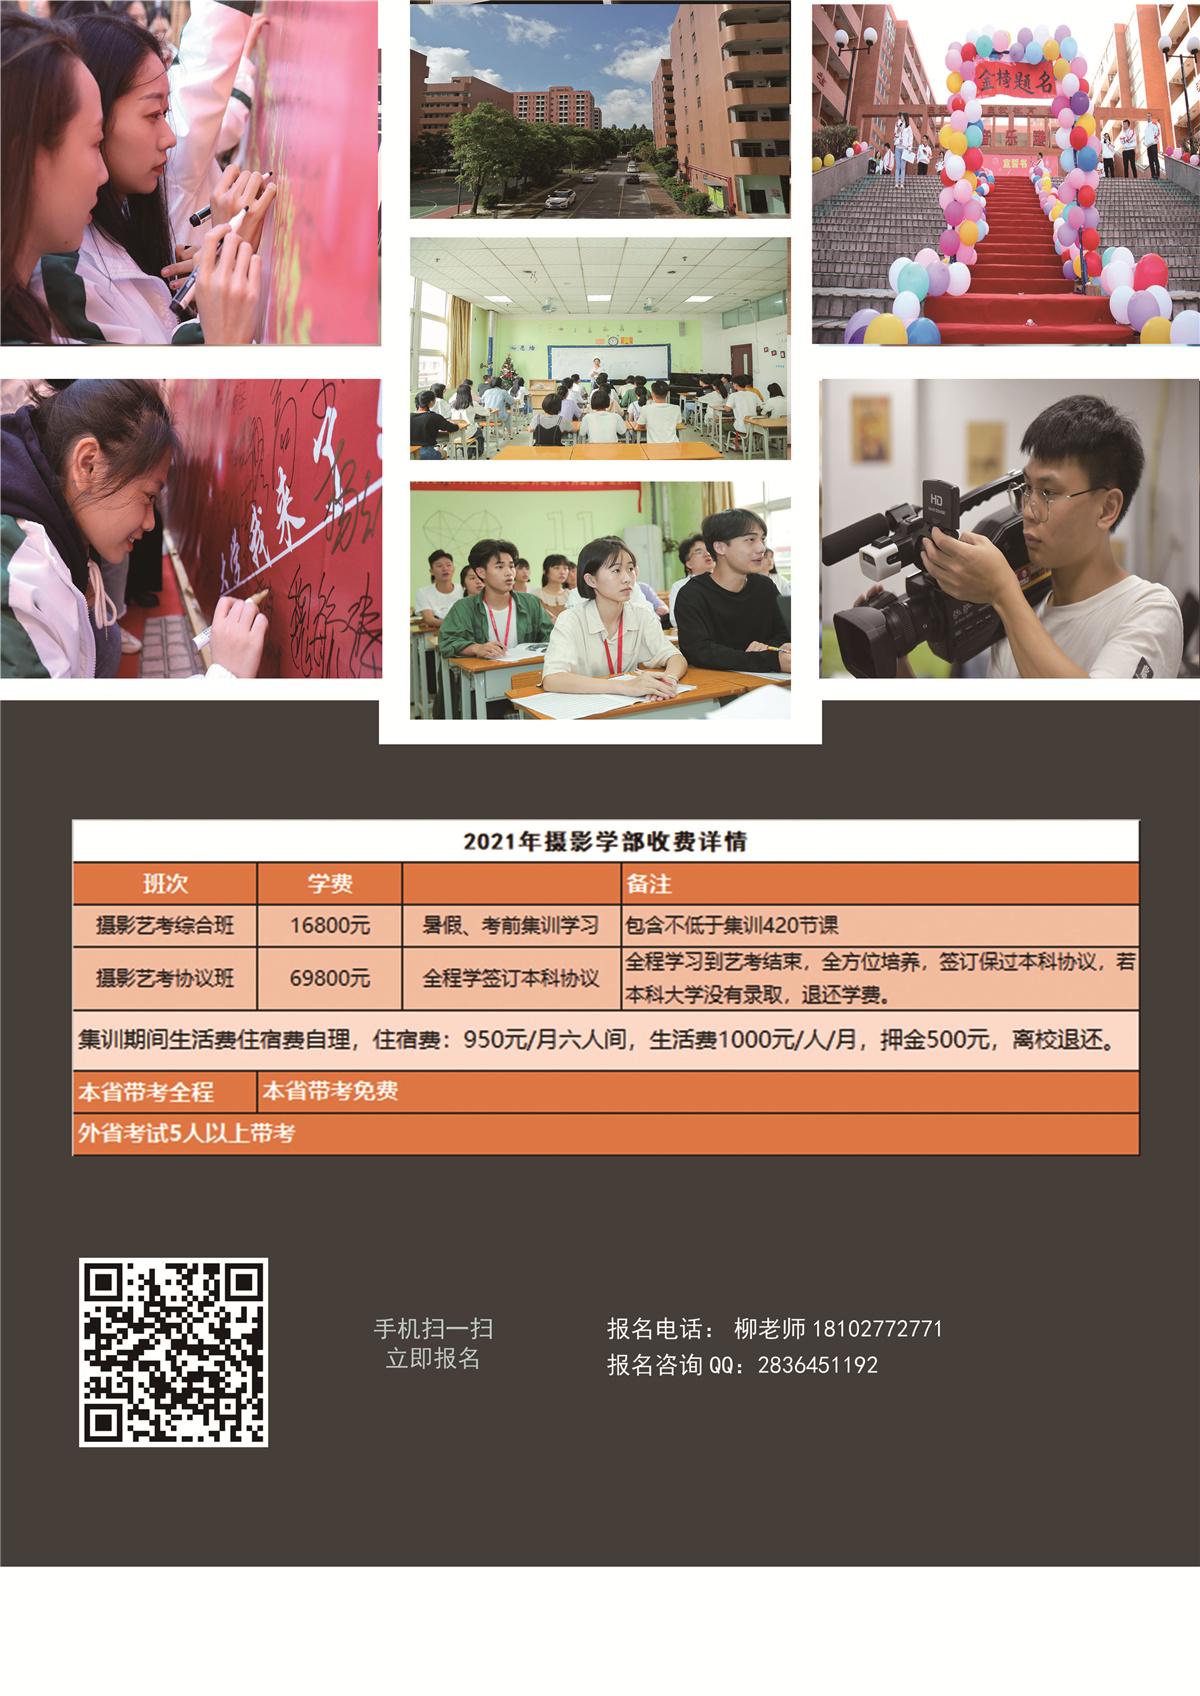 广东摄影艺考培训班多芬传媒艺考培训机构招生简章